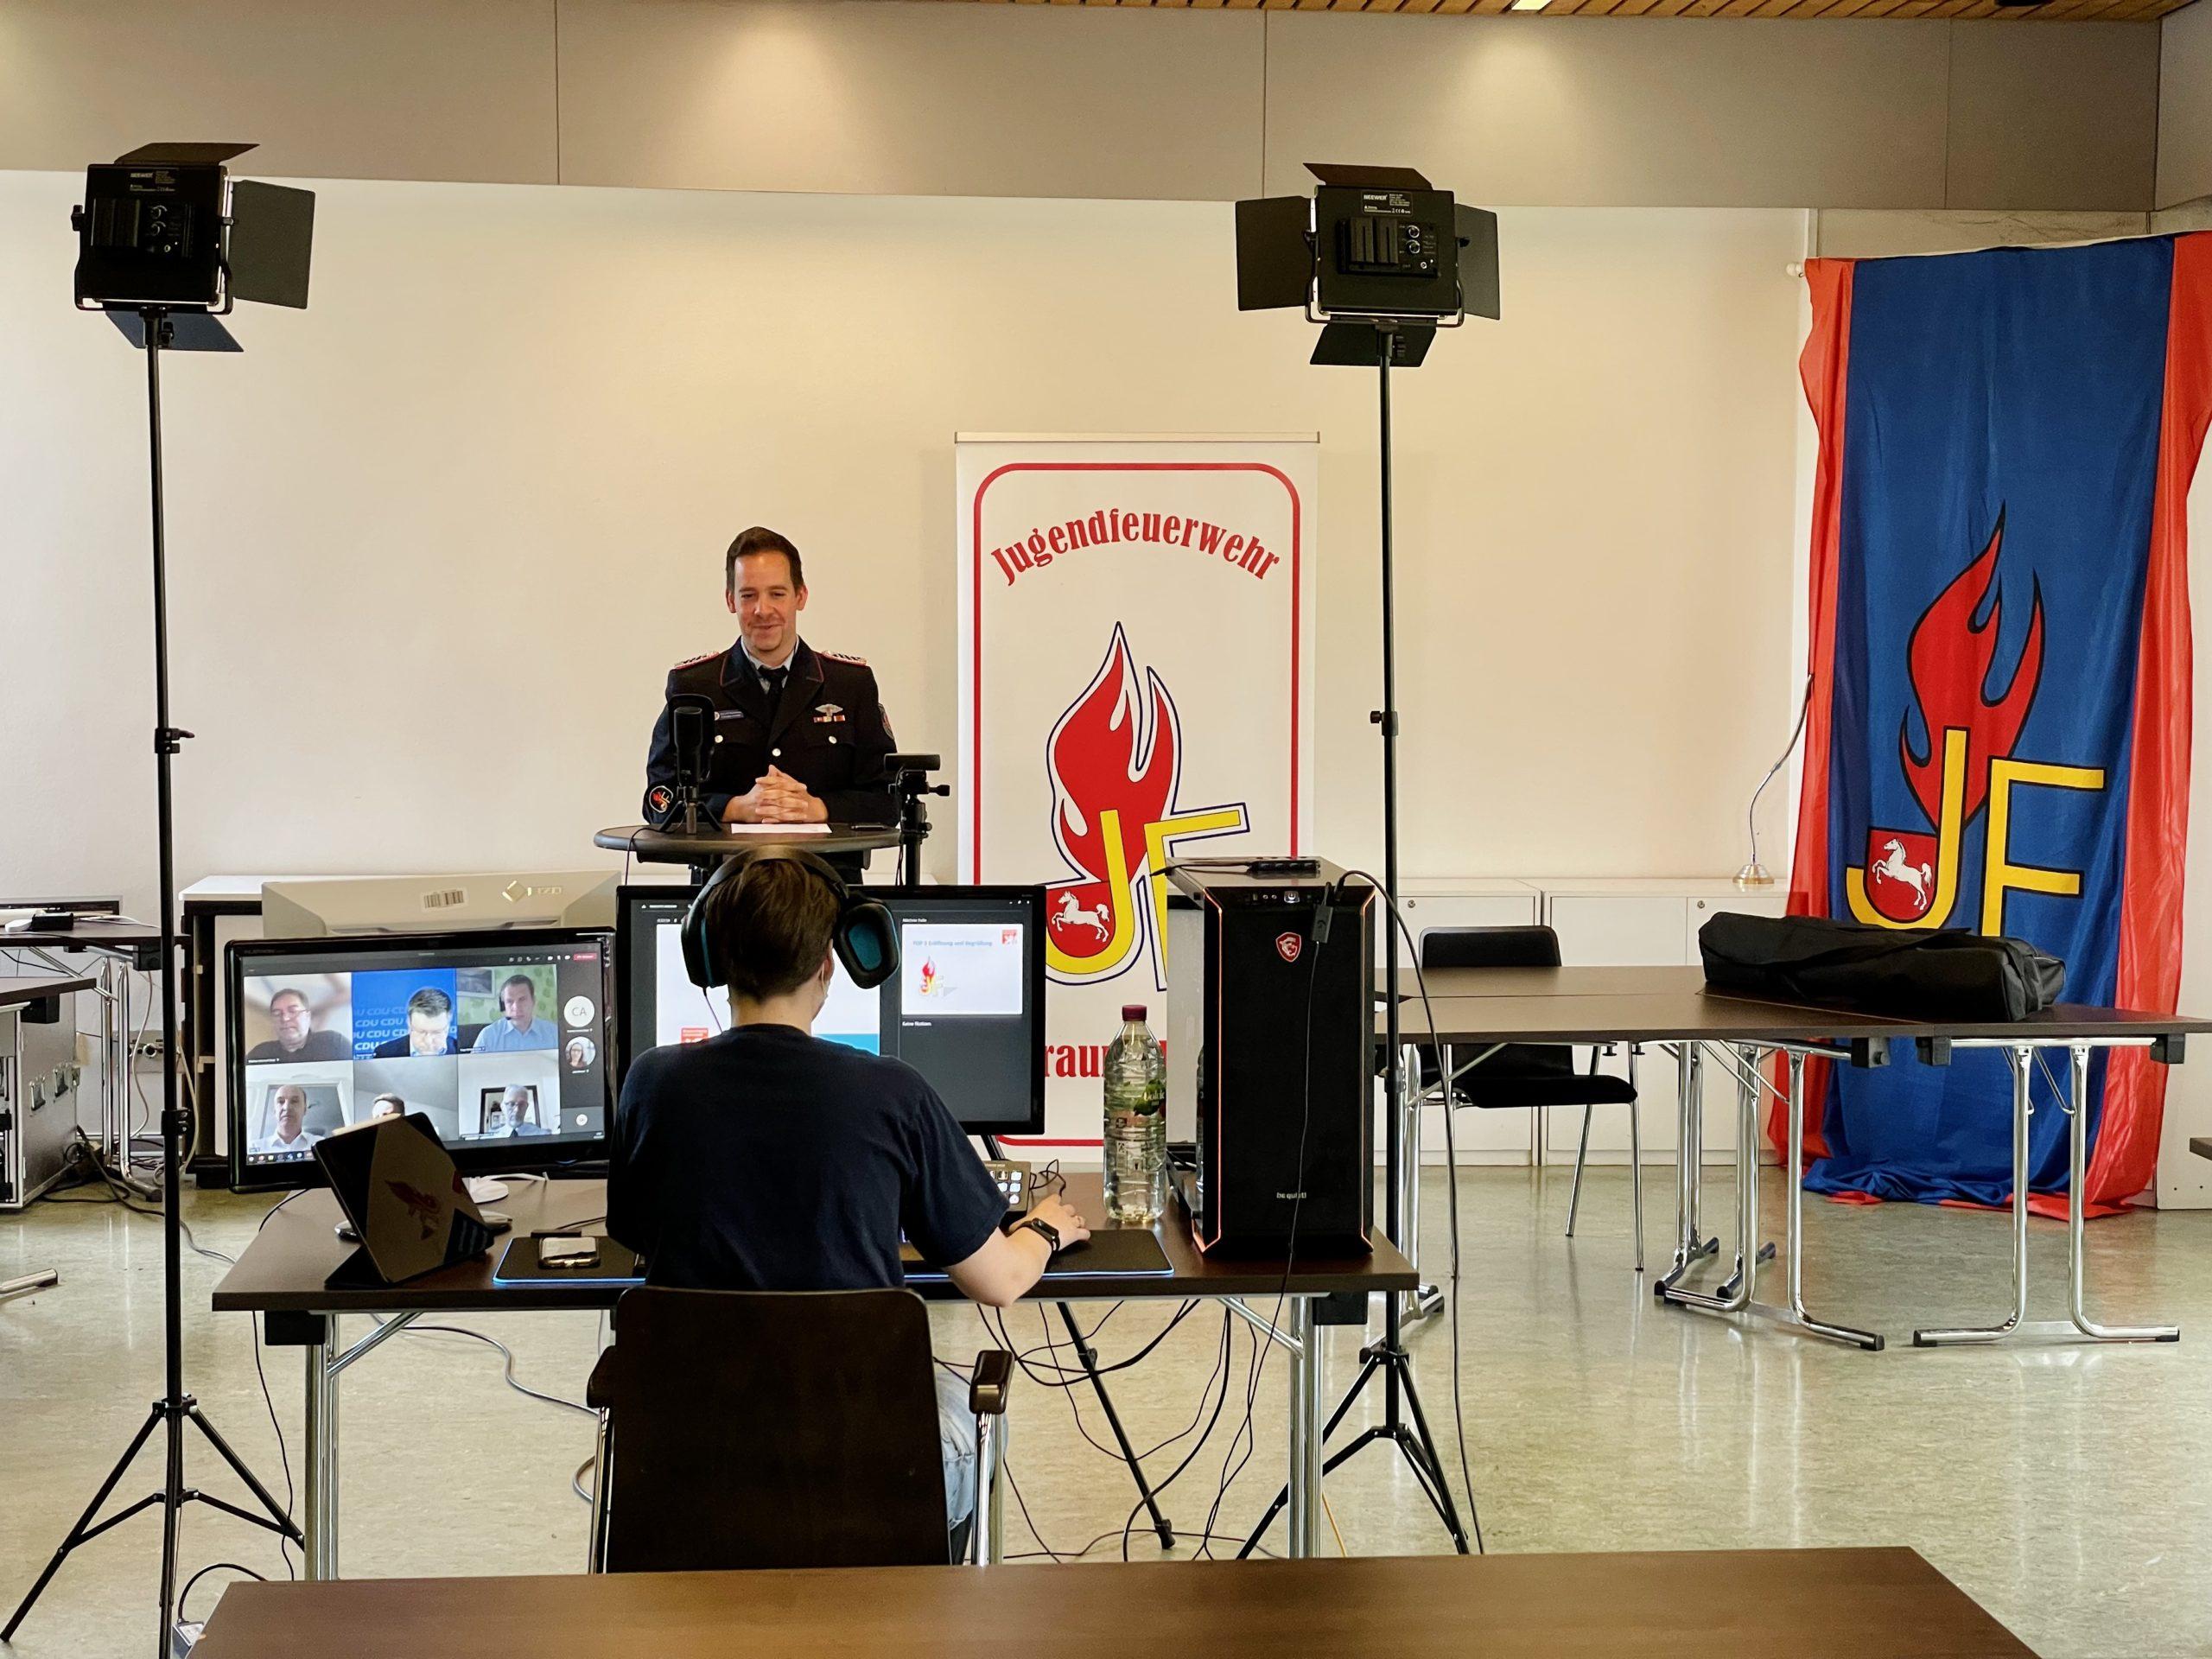 Leben in der Lage! – Jugendfeuerwehr Braunschweig streamt Delegiertenversammlung über YouTube